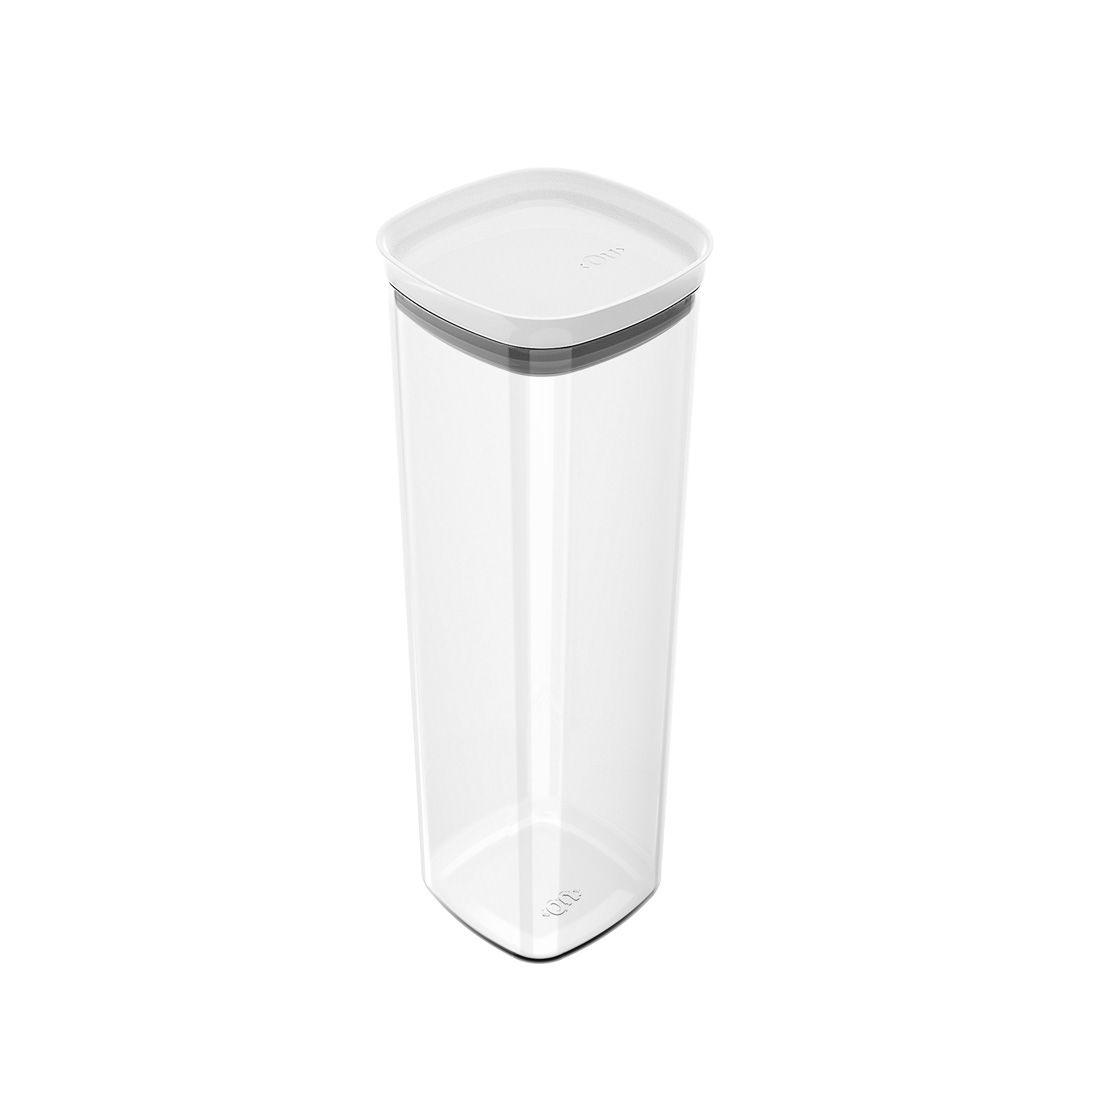 Pote de Plástico com Tampa Hermética Block 2L Branco